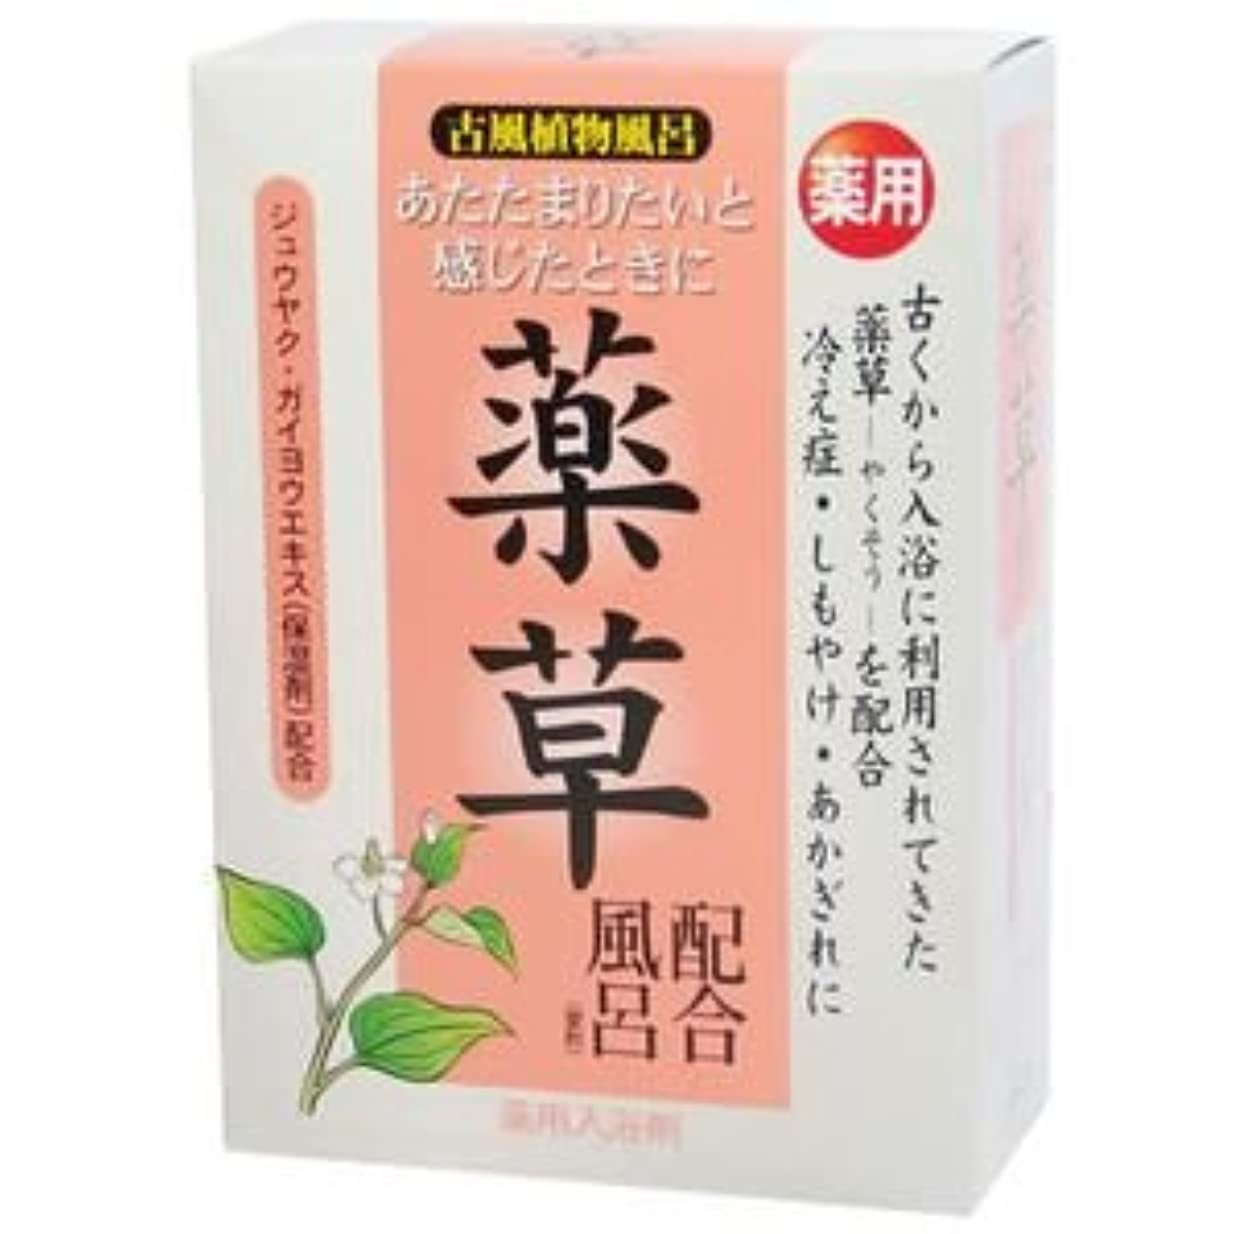 除外する昼間移行する古風植物風呂 薬草配合風呂 25g*5包